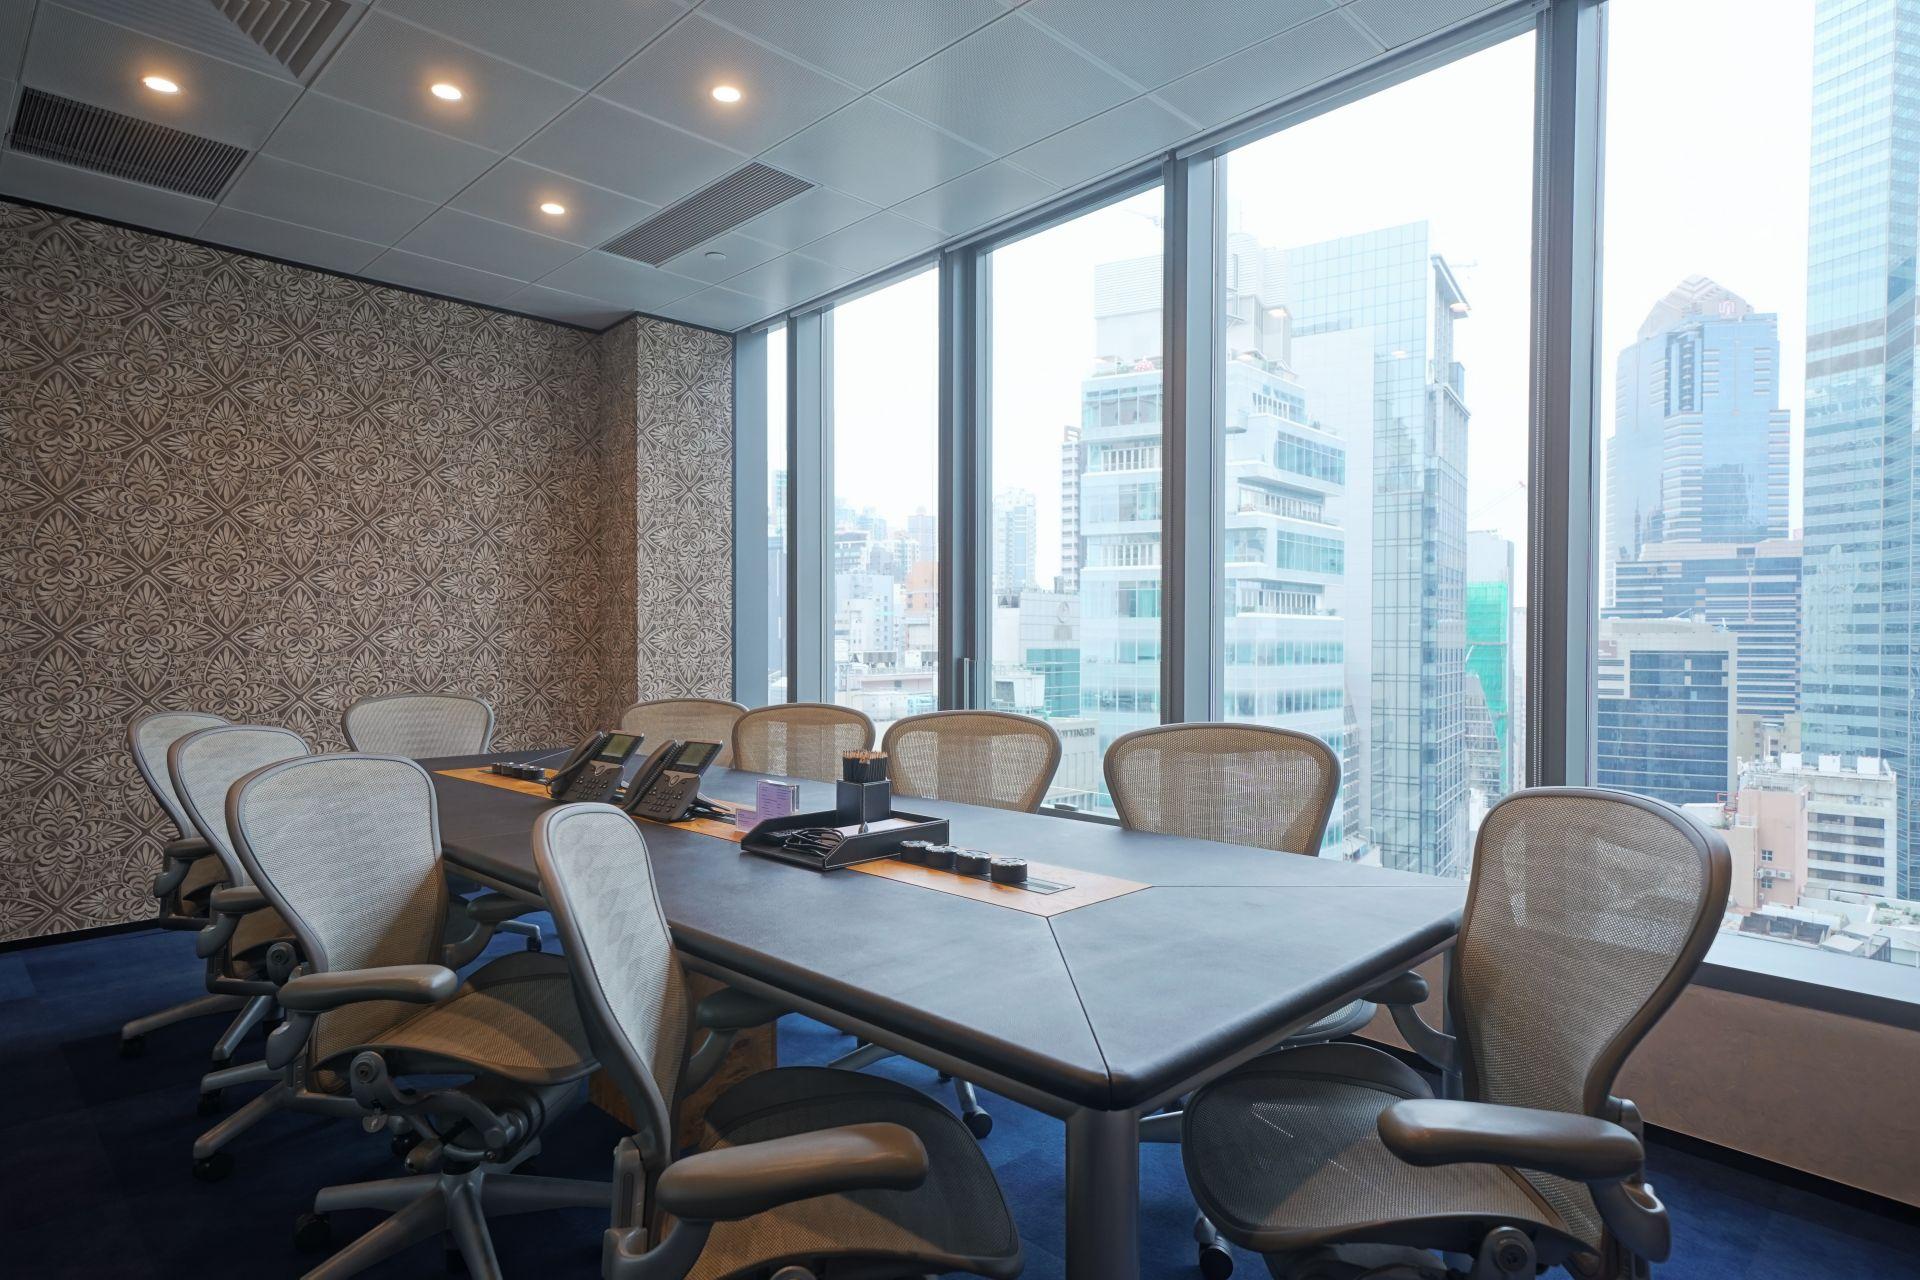 The Executive Centre - Prosperity Tower, Hong Kong